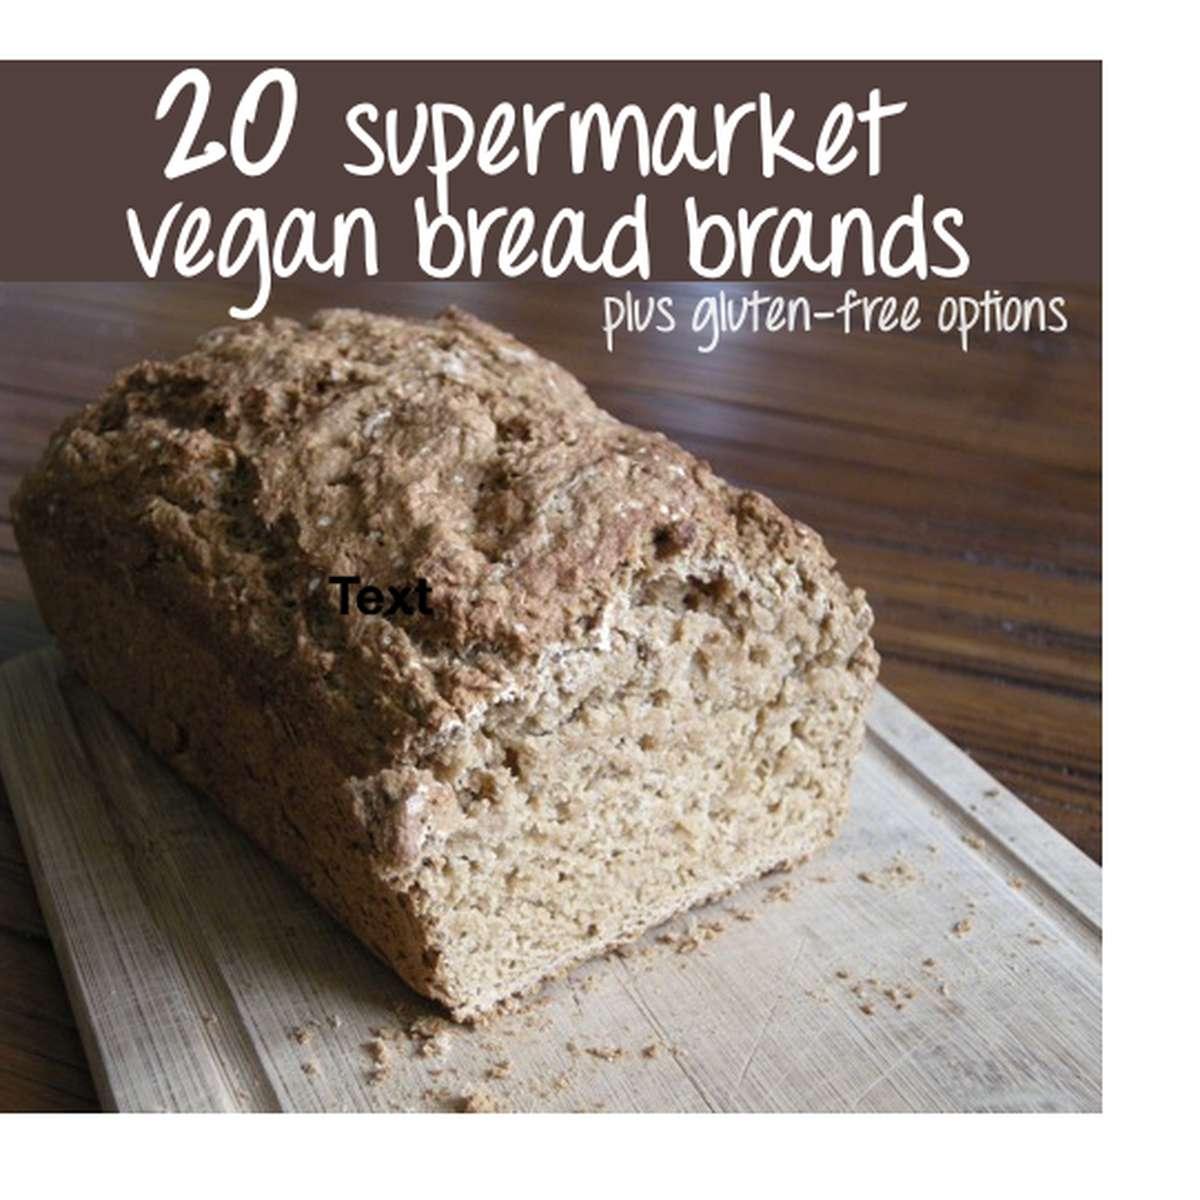 Vegan Whole Wheat Bread Recipe